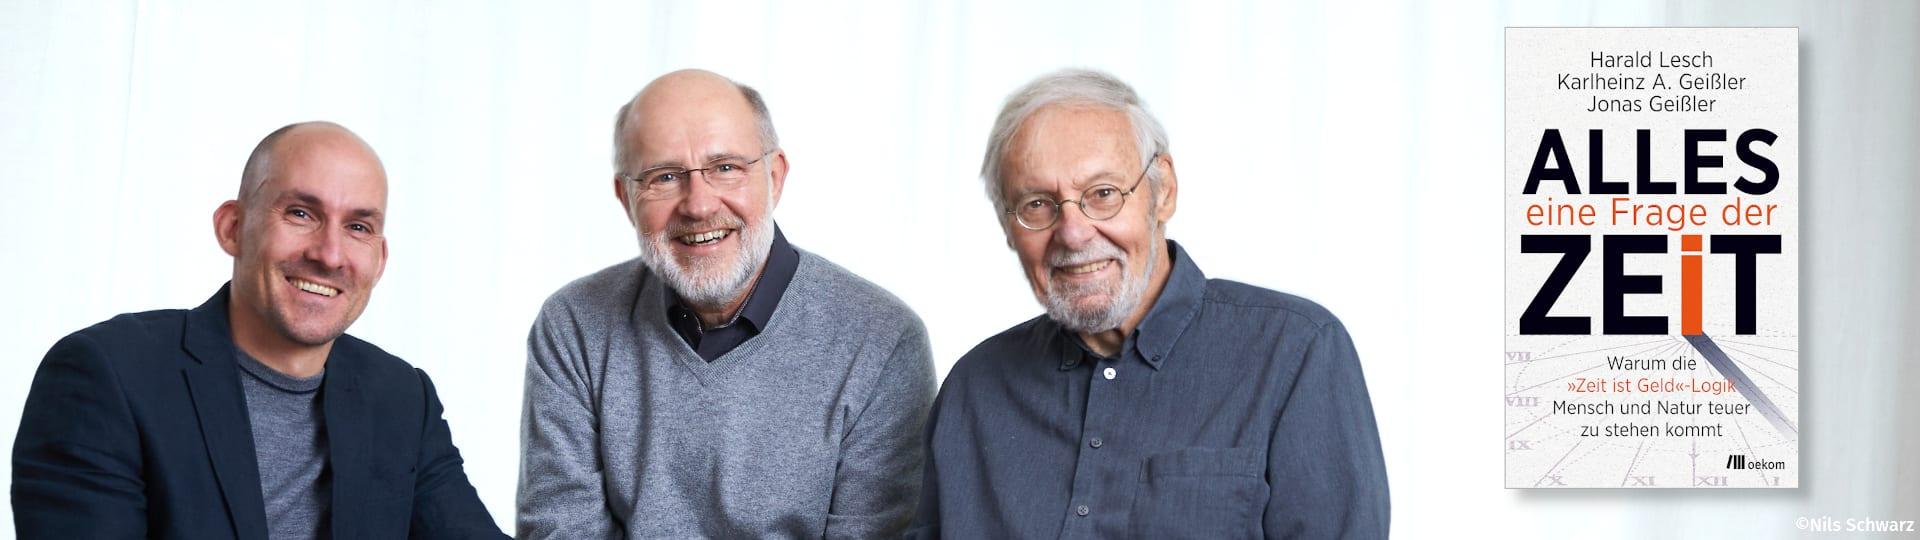 Jonas Geißler, Harald Lesch, Karlheinz Geißler und ihr Buch »Alles eine Frage der Zeit«